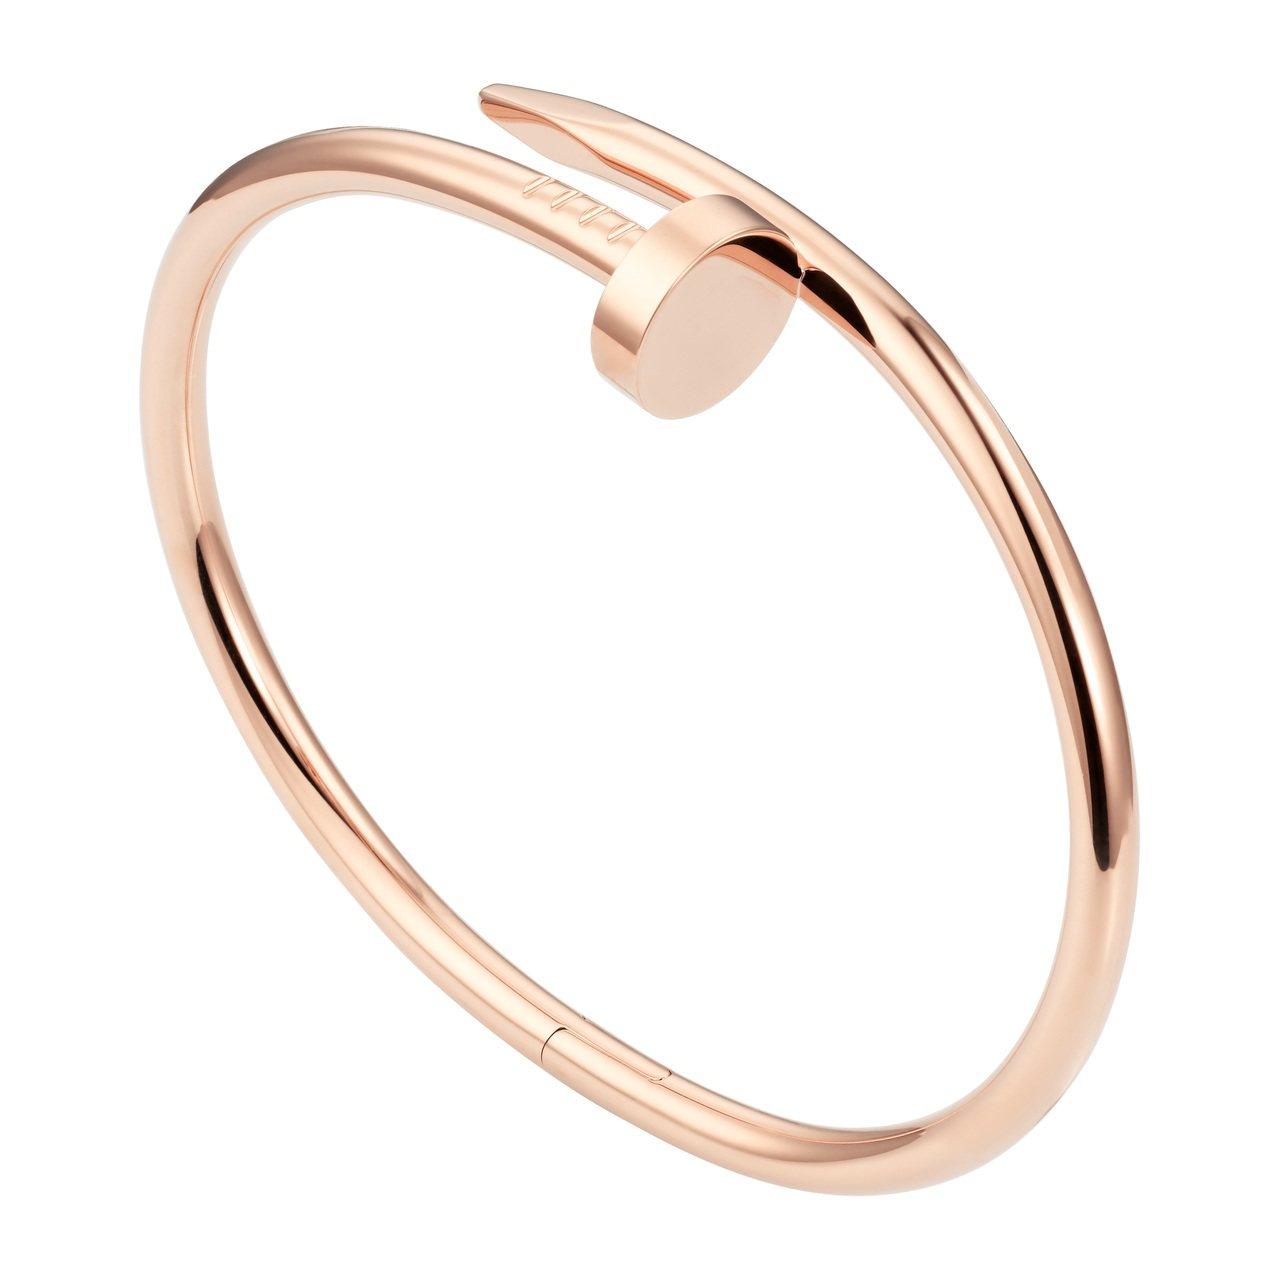 卡地亞Juste un Clou系列玫瑰金手環,20萬9,000元。圖/卡地亞提...